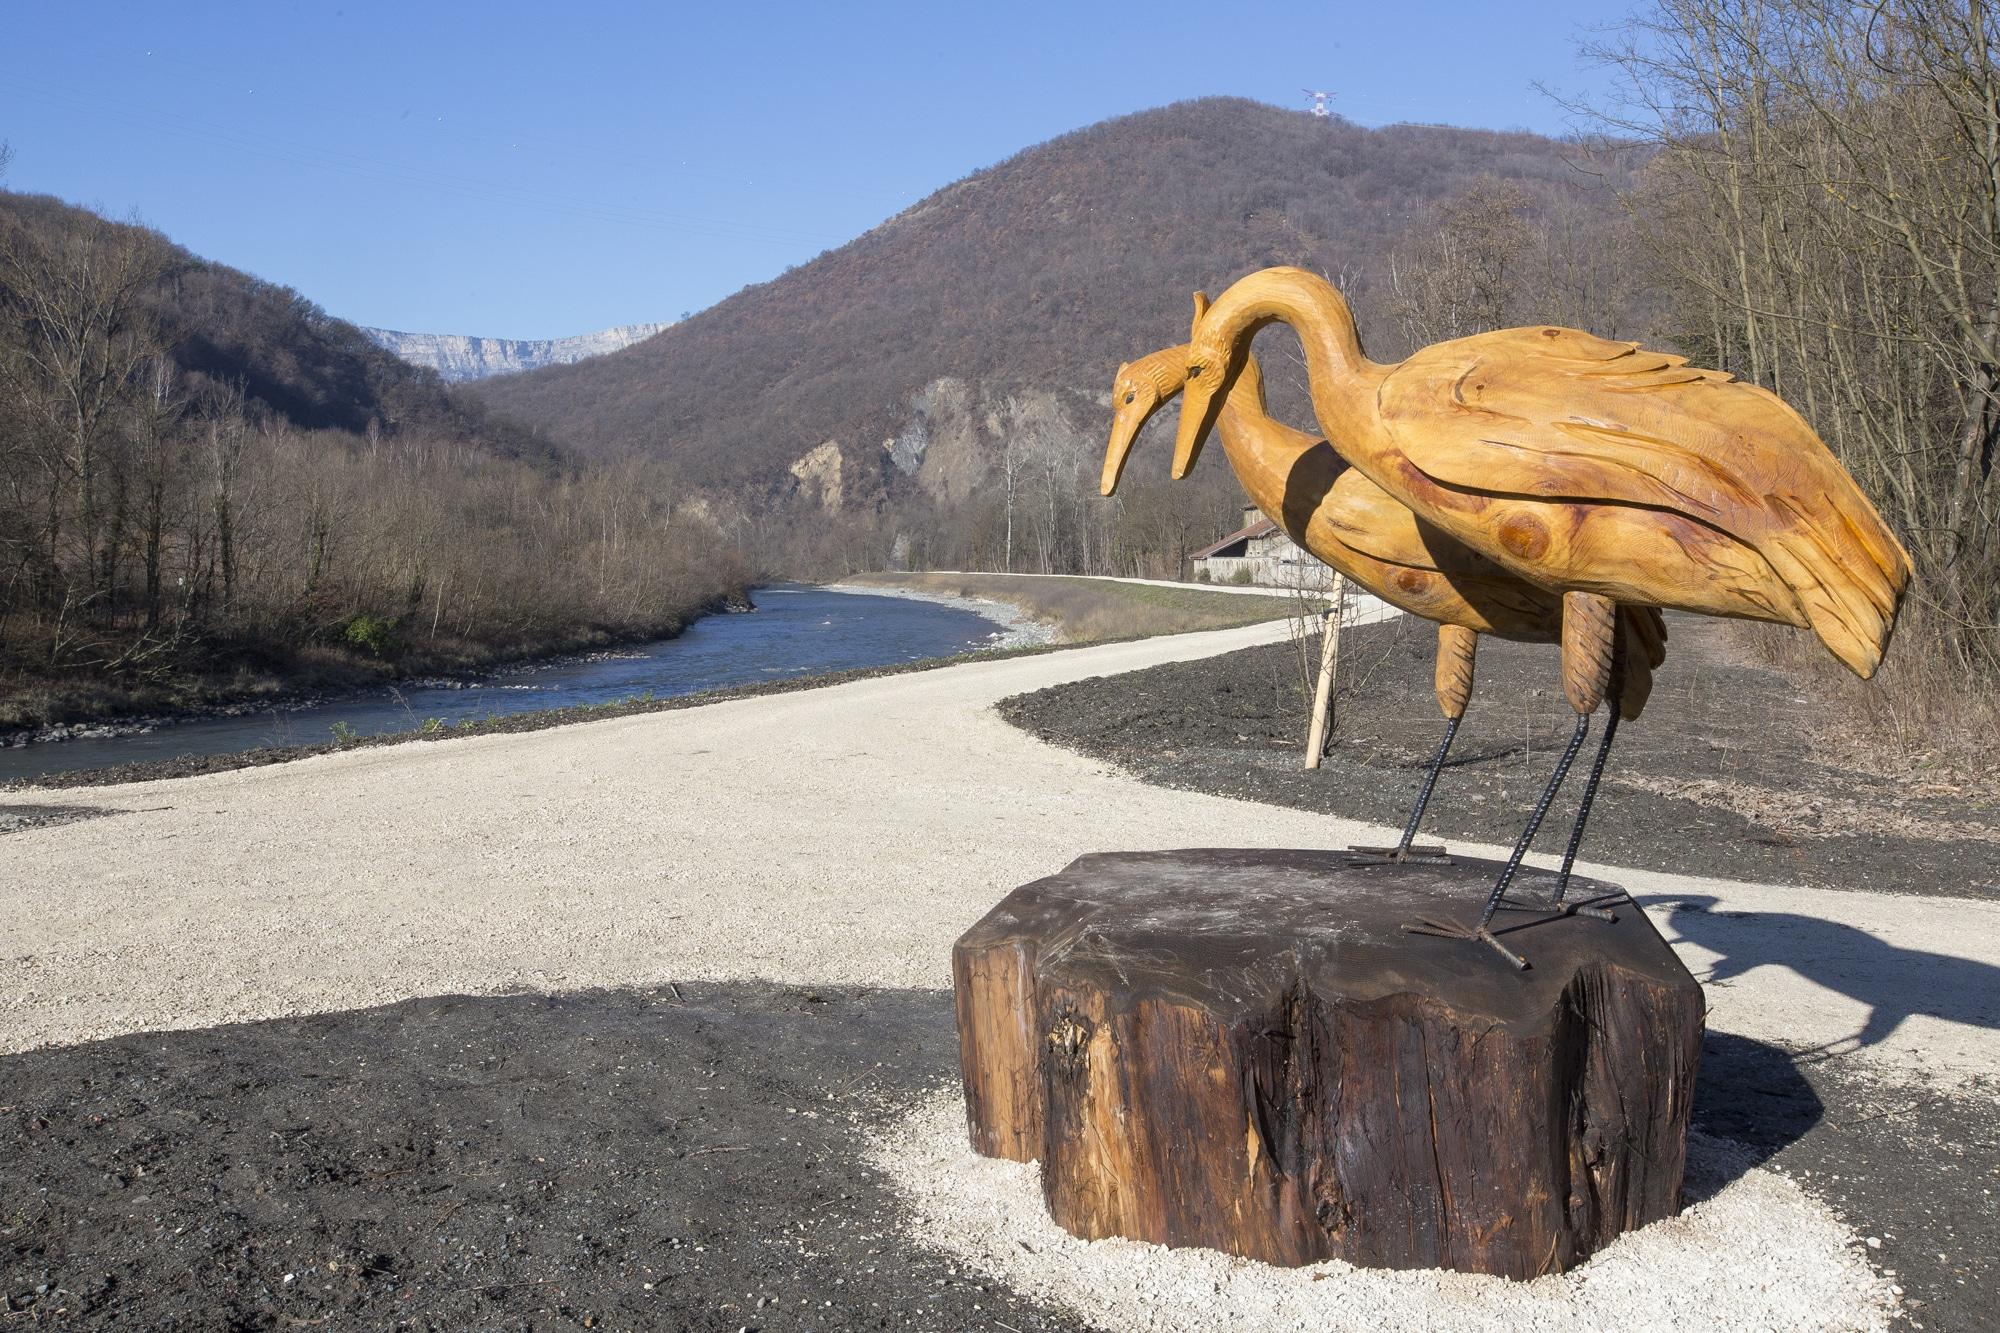 héron en bois au bord d'une rivière